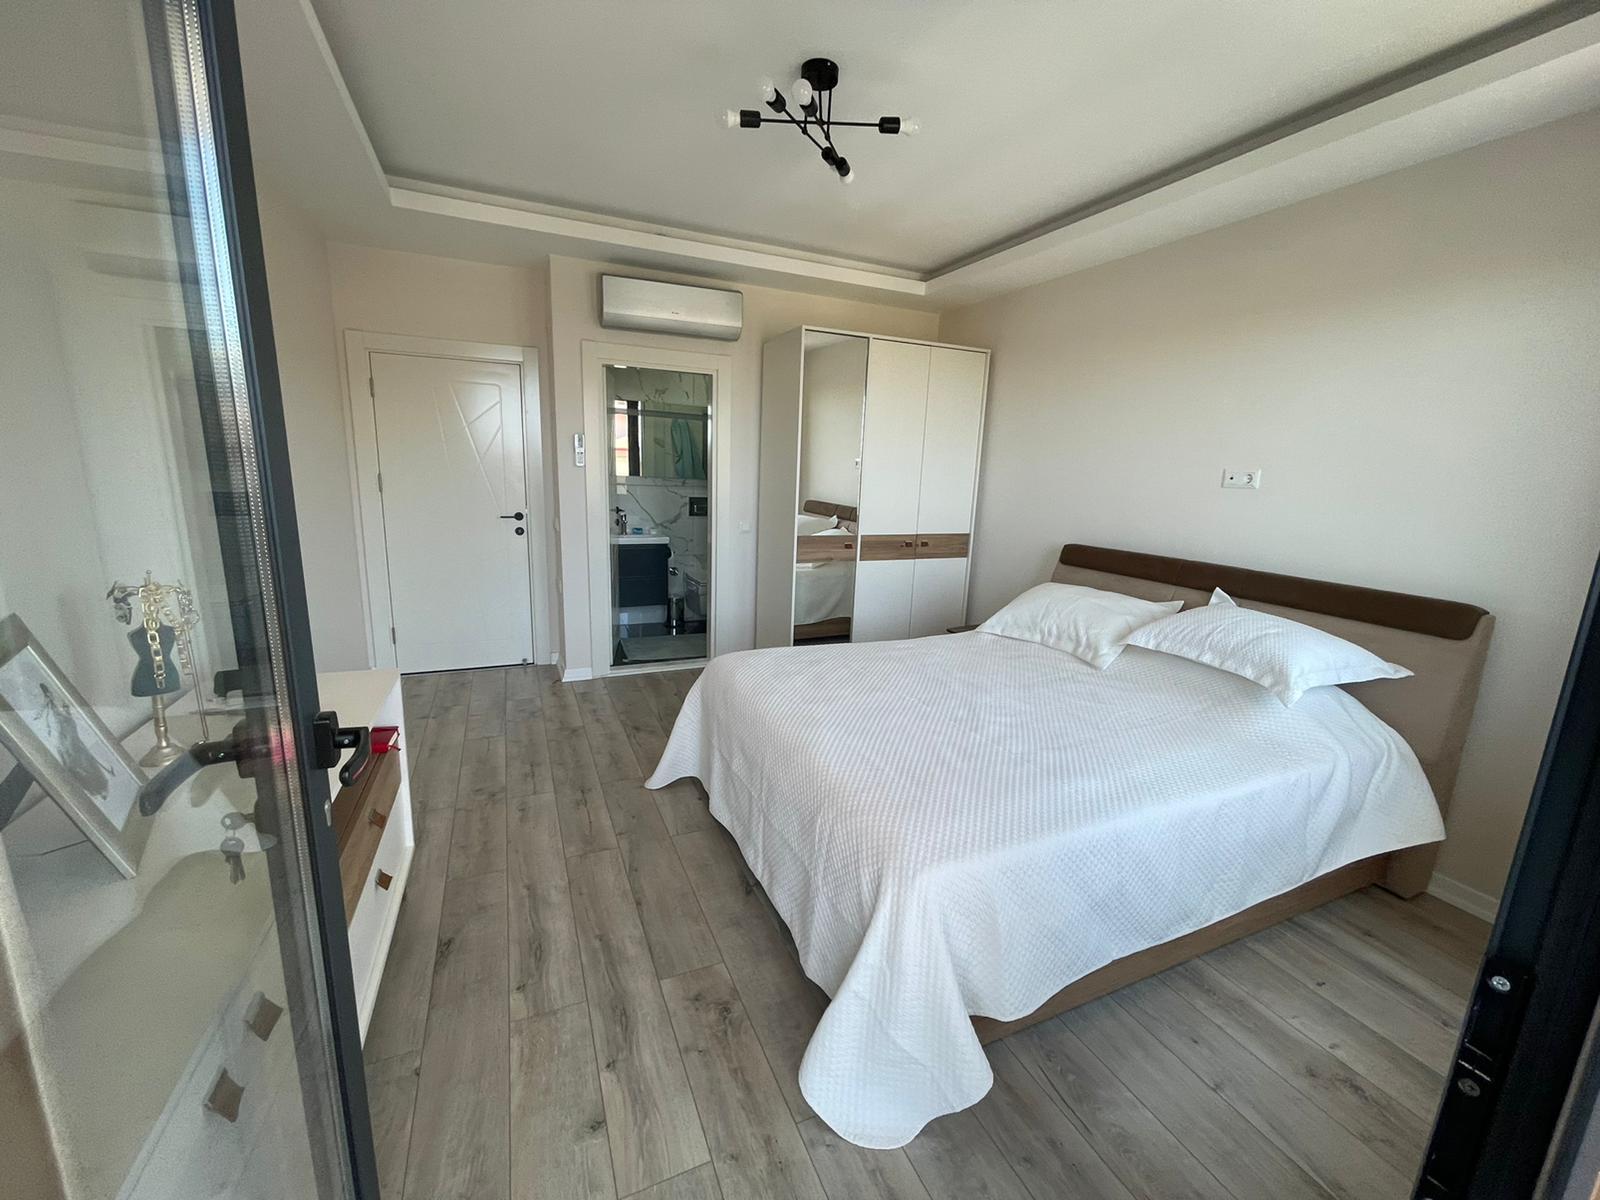 Трёхкомнатная квартира в районе Тосмур - Фото 17